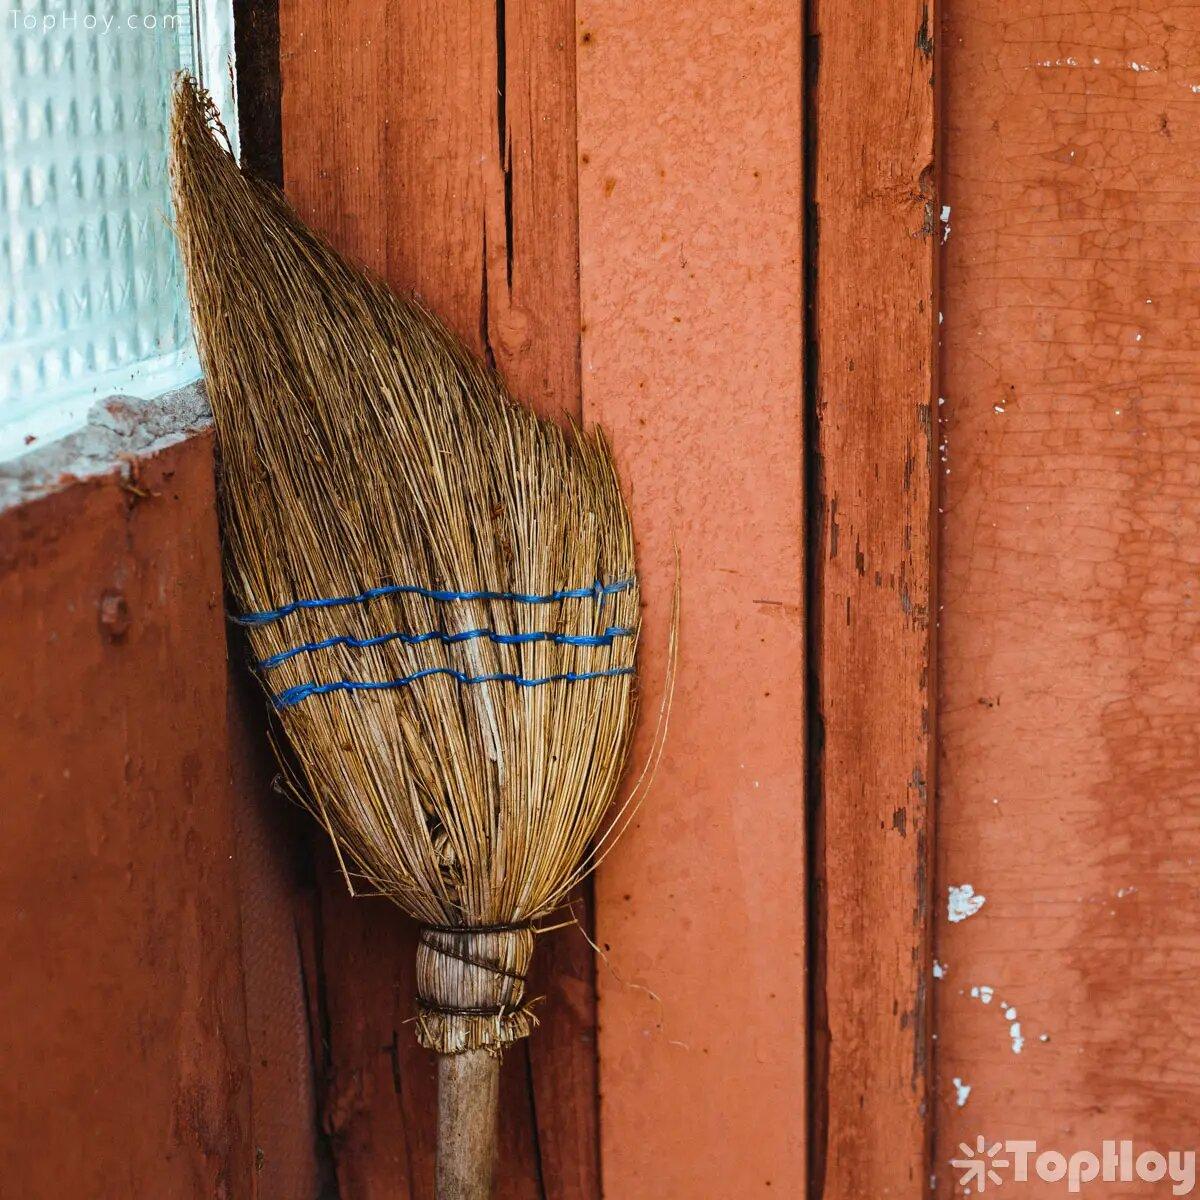 Ubicar una escoba detrás de la puerta principal, ahuyentará las visitas desagradables.